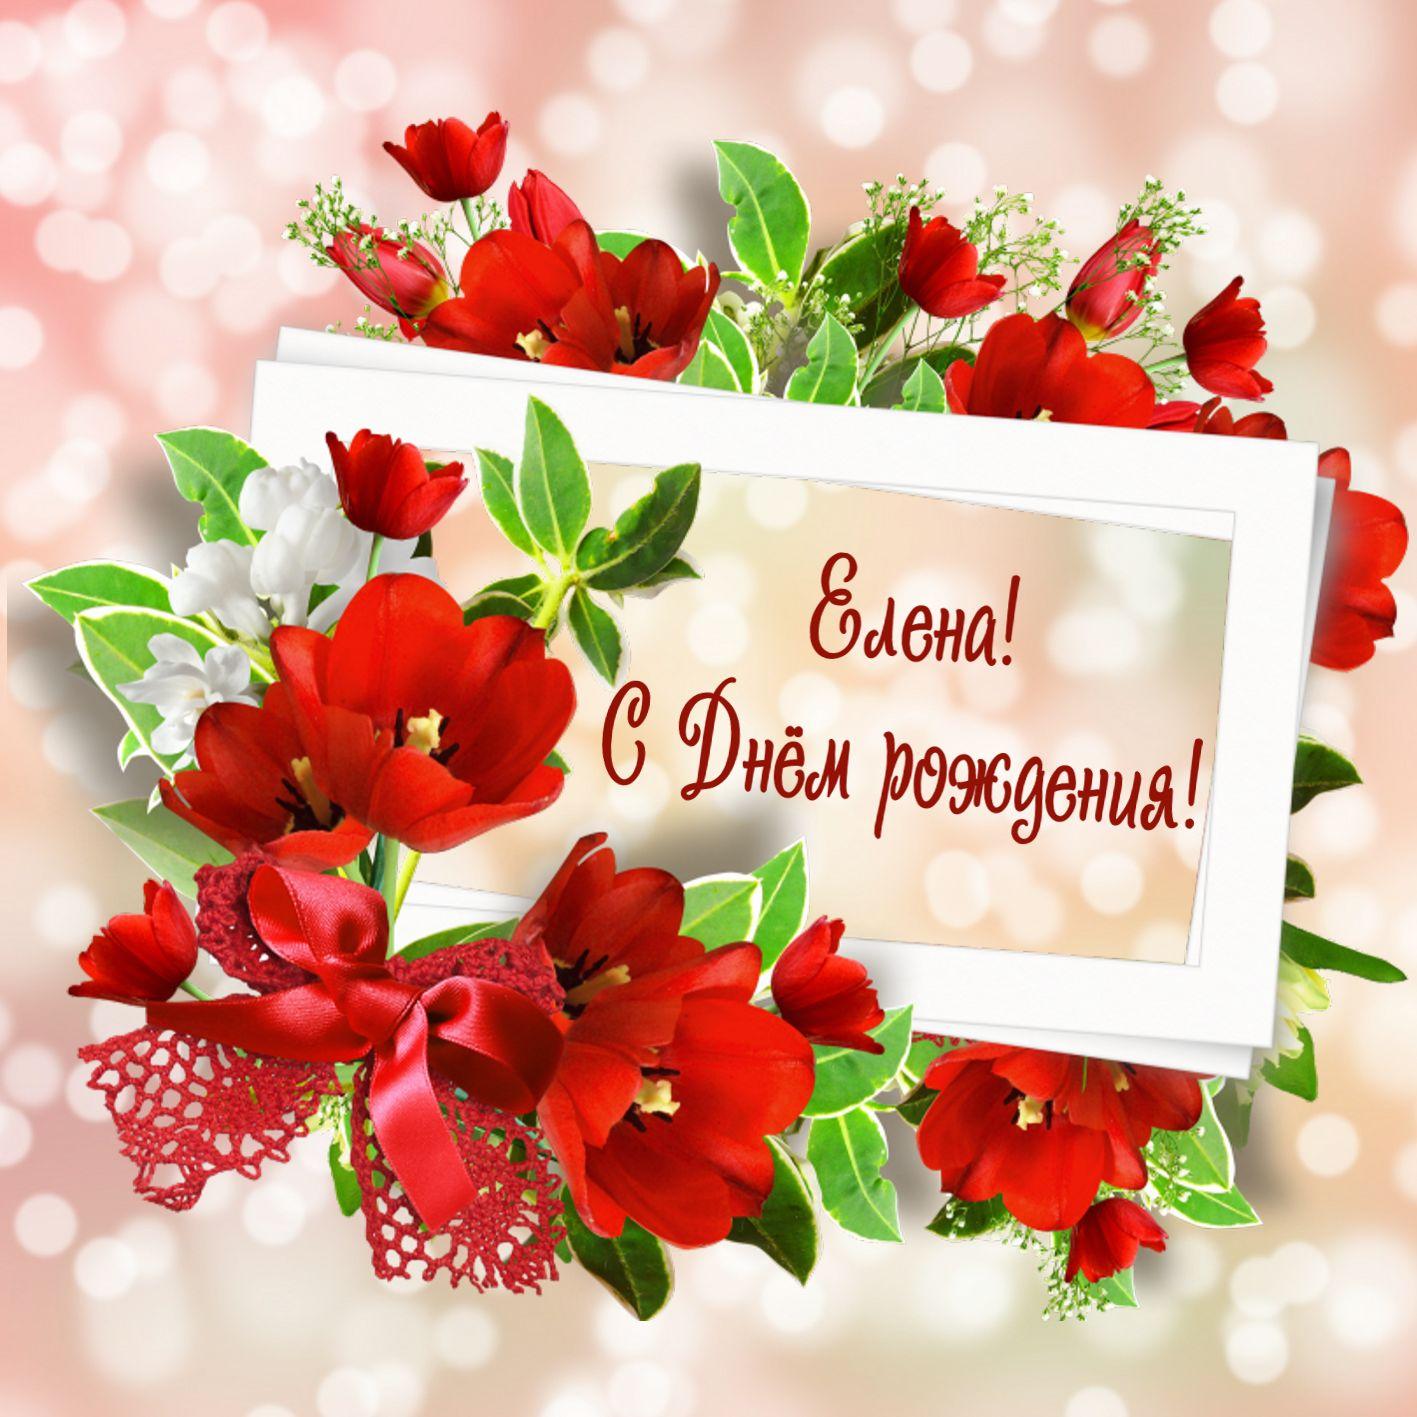 Картинки красивые цветы 1366х768 (35 фото) 🔥 Прикольные картинки ...   1417x1417